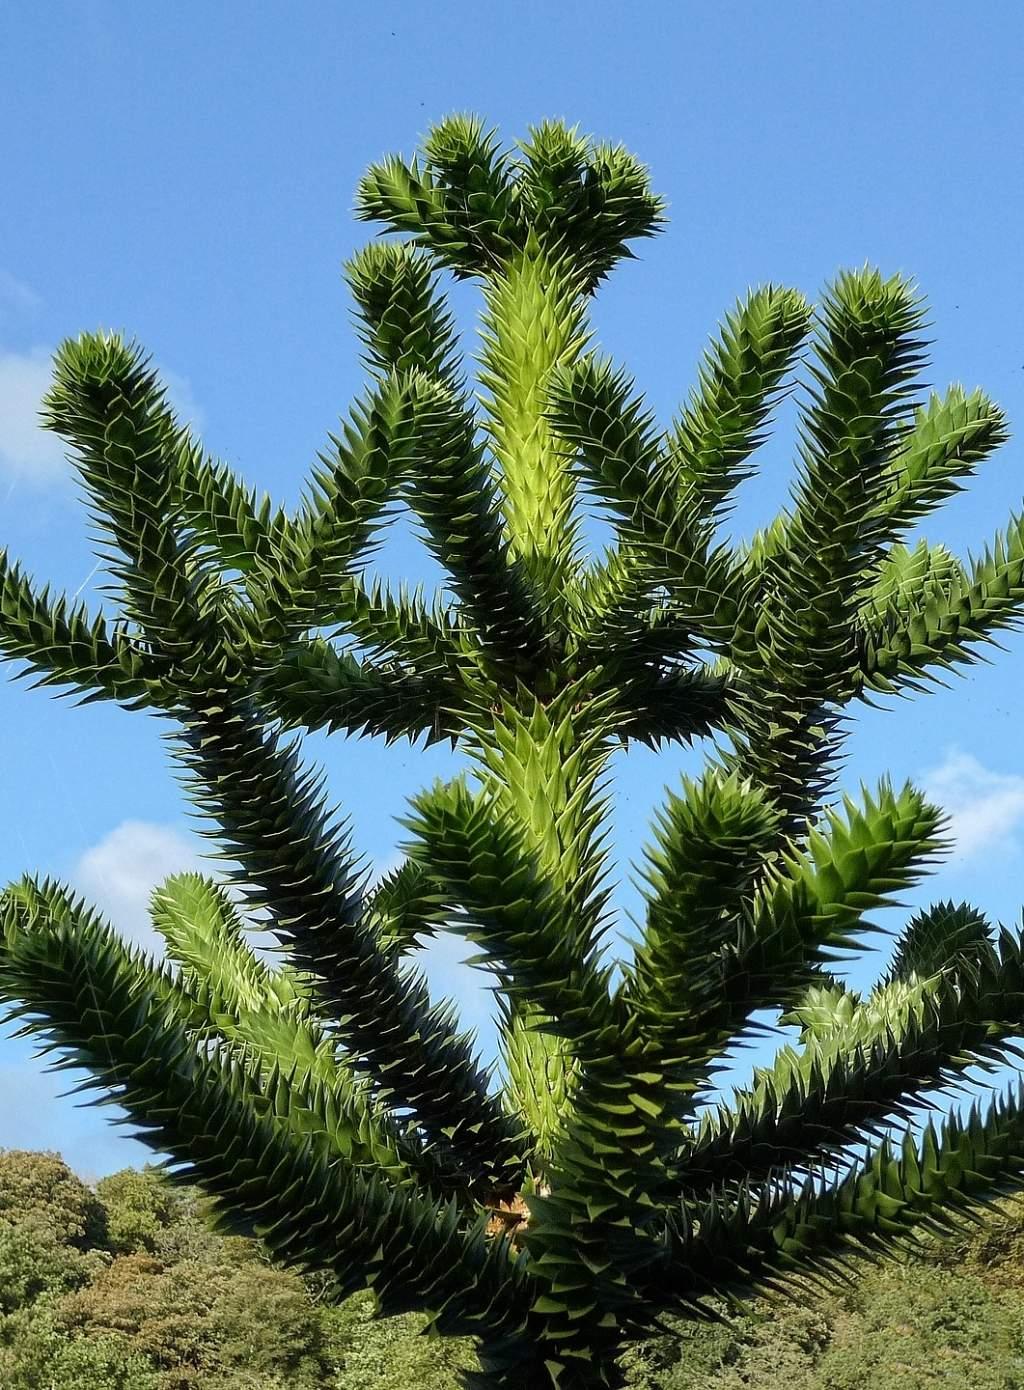 Živouci rostlinná fosilie - Araucaria araucana neboli blahočet chilský.